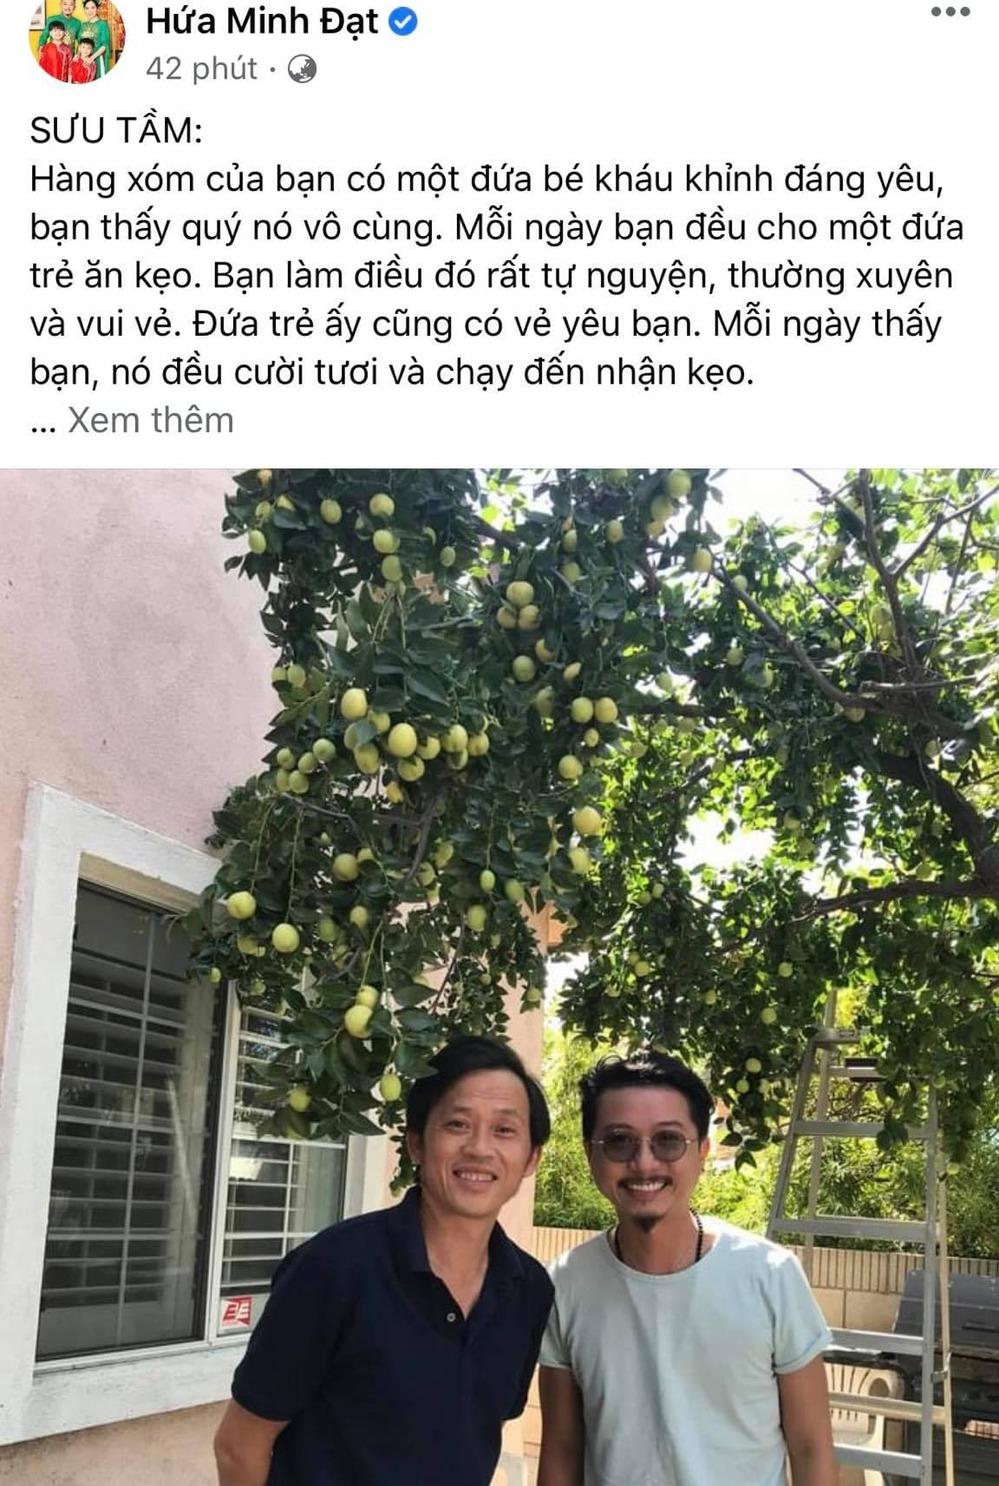 Bài đăng của Hứa Minh Đạt khiến khán giả cho rằng anh đang ẩn ý về Hoài Linh. (Ảnh: Chụp màn hình)